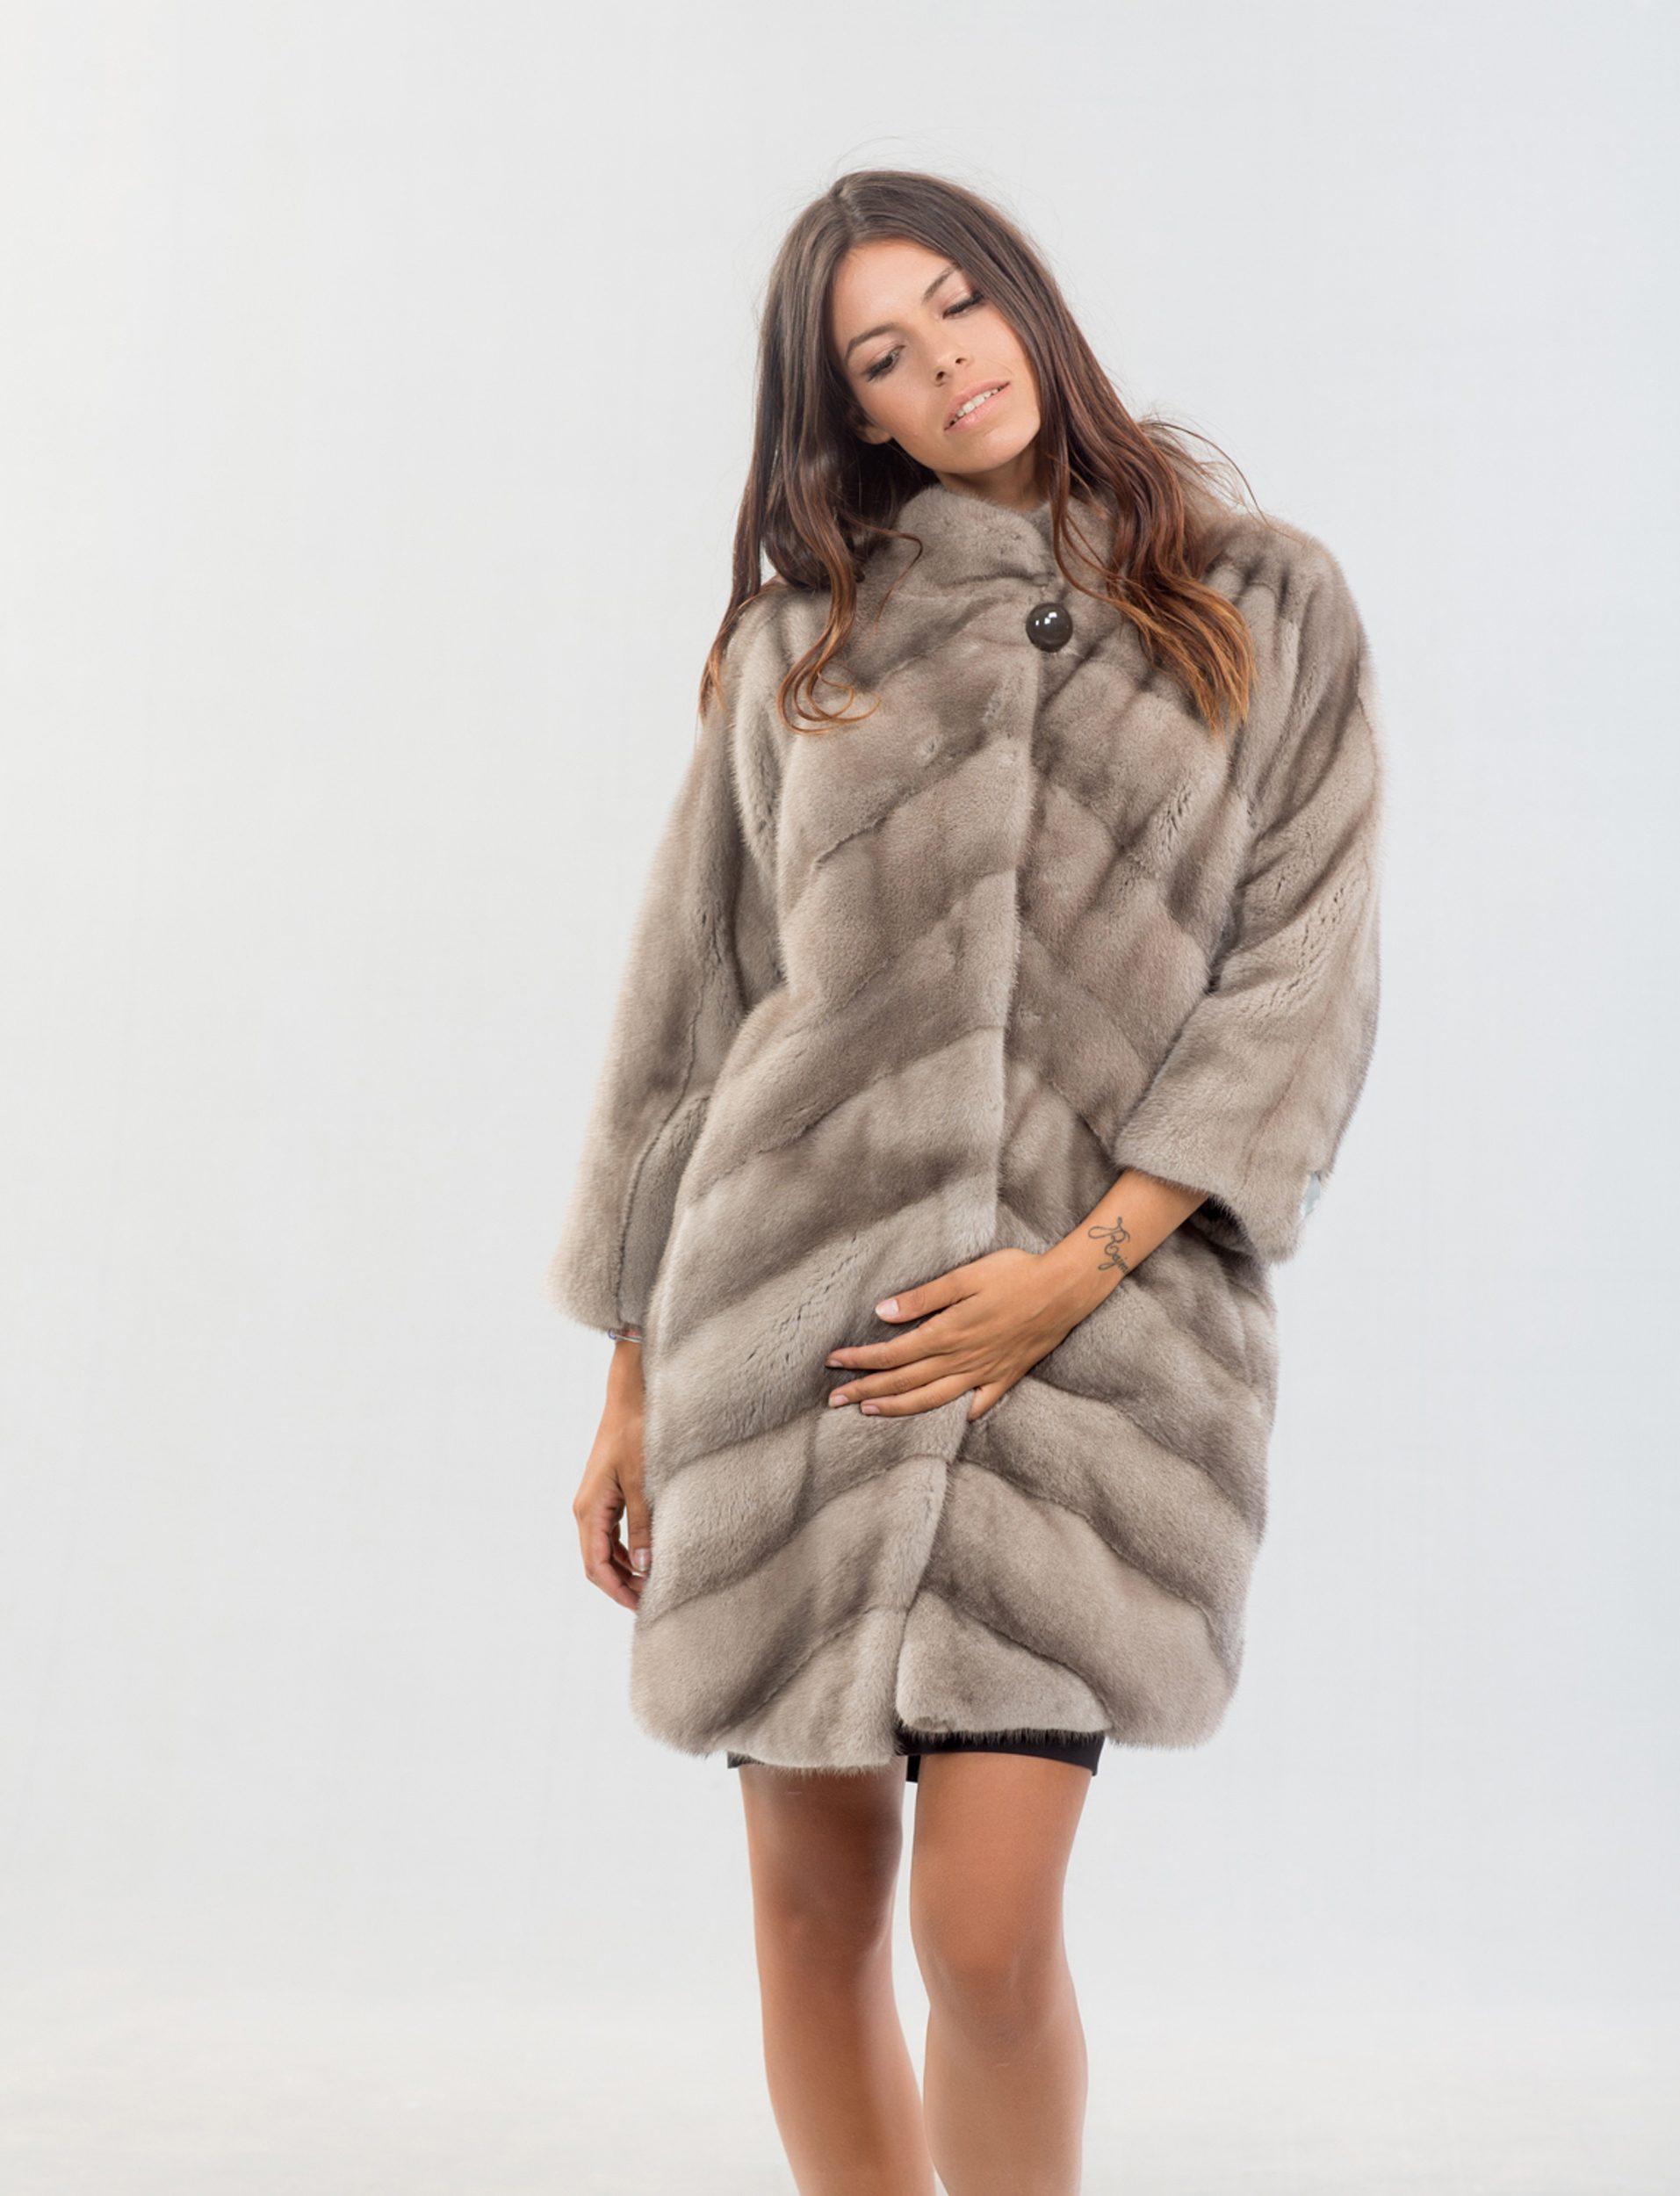 a22ce555c4d74 Silver Gray Mink Fur Coat 100 Real Coats Haute Acorn